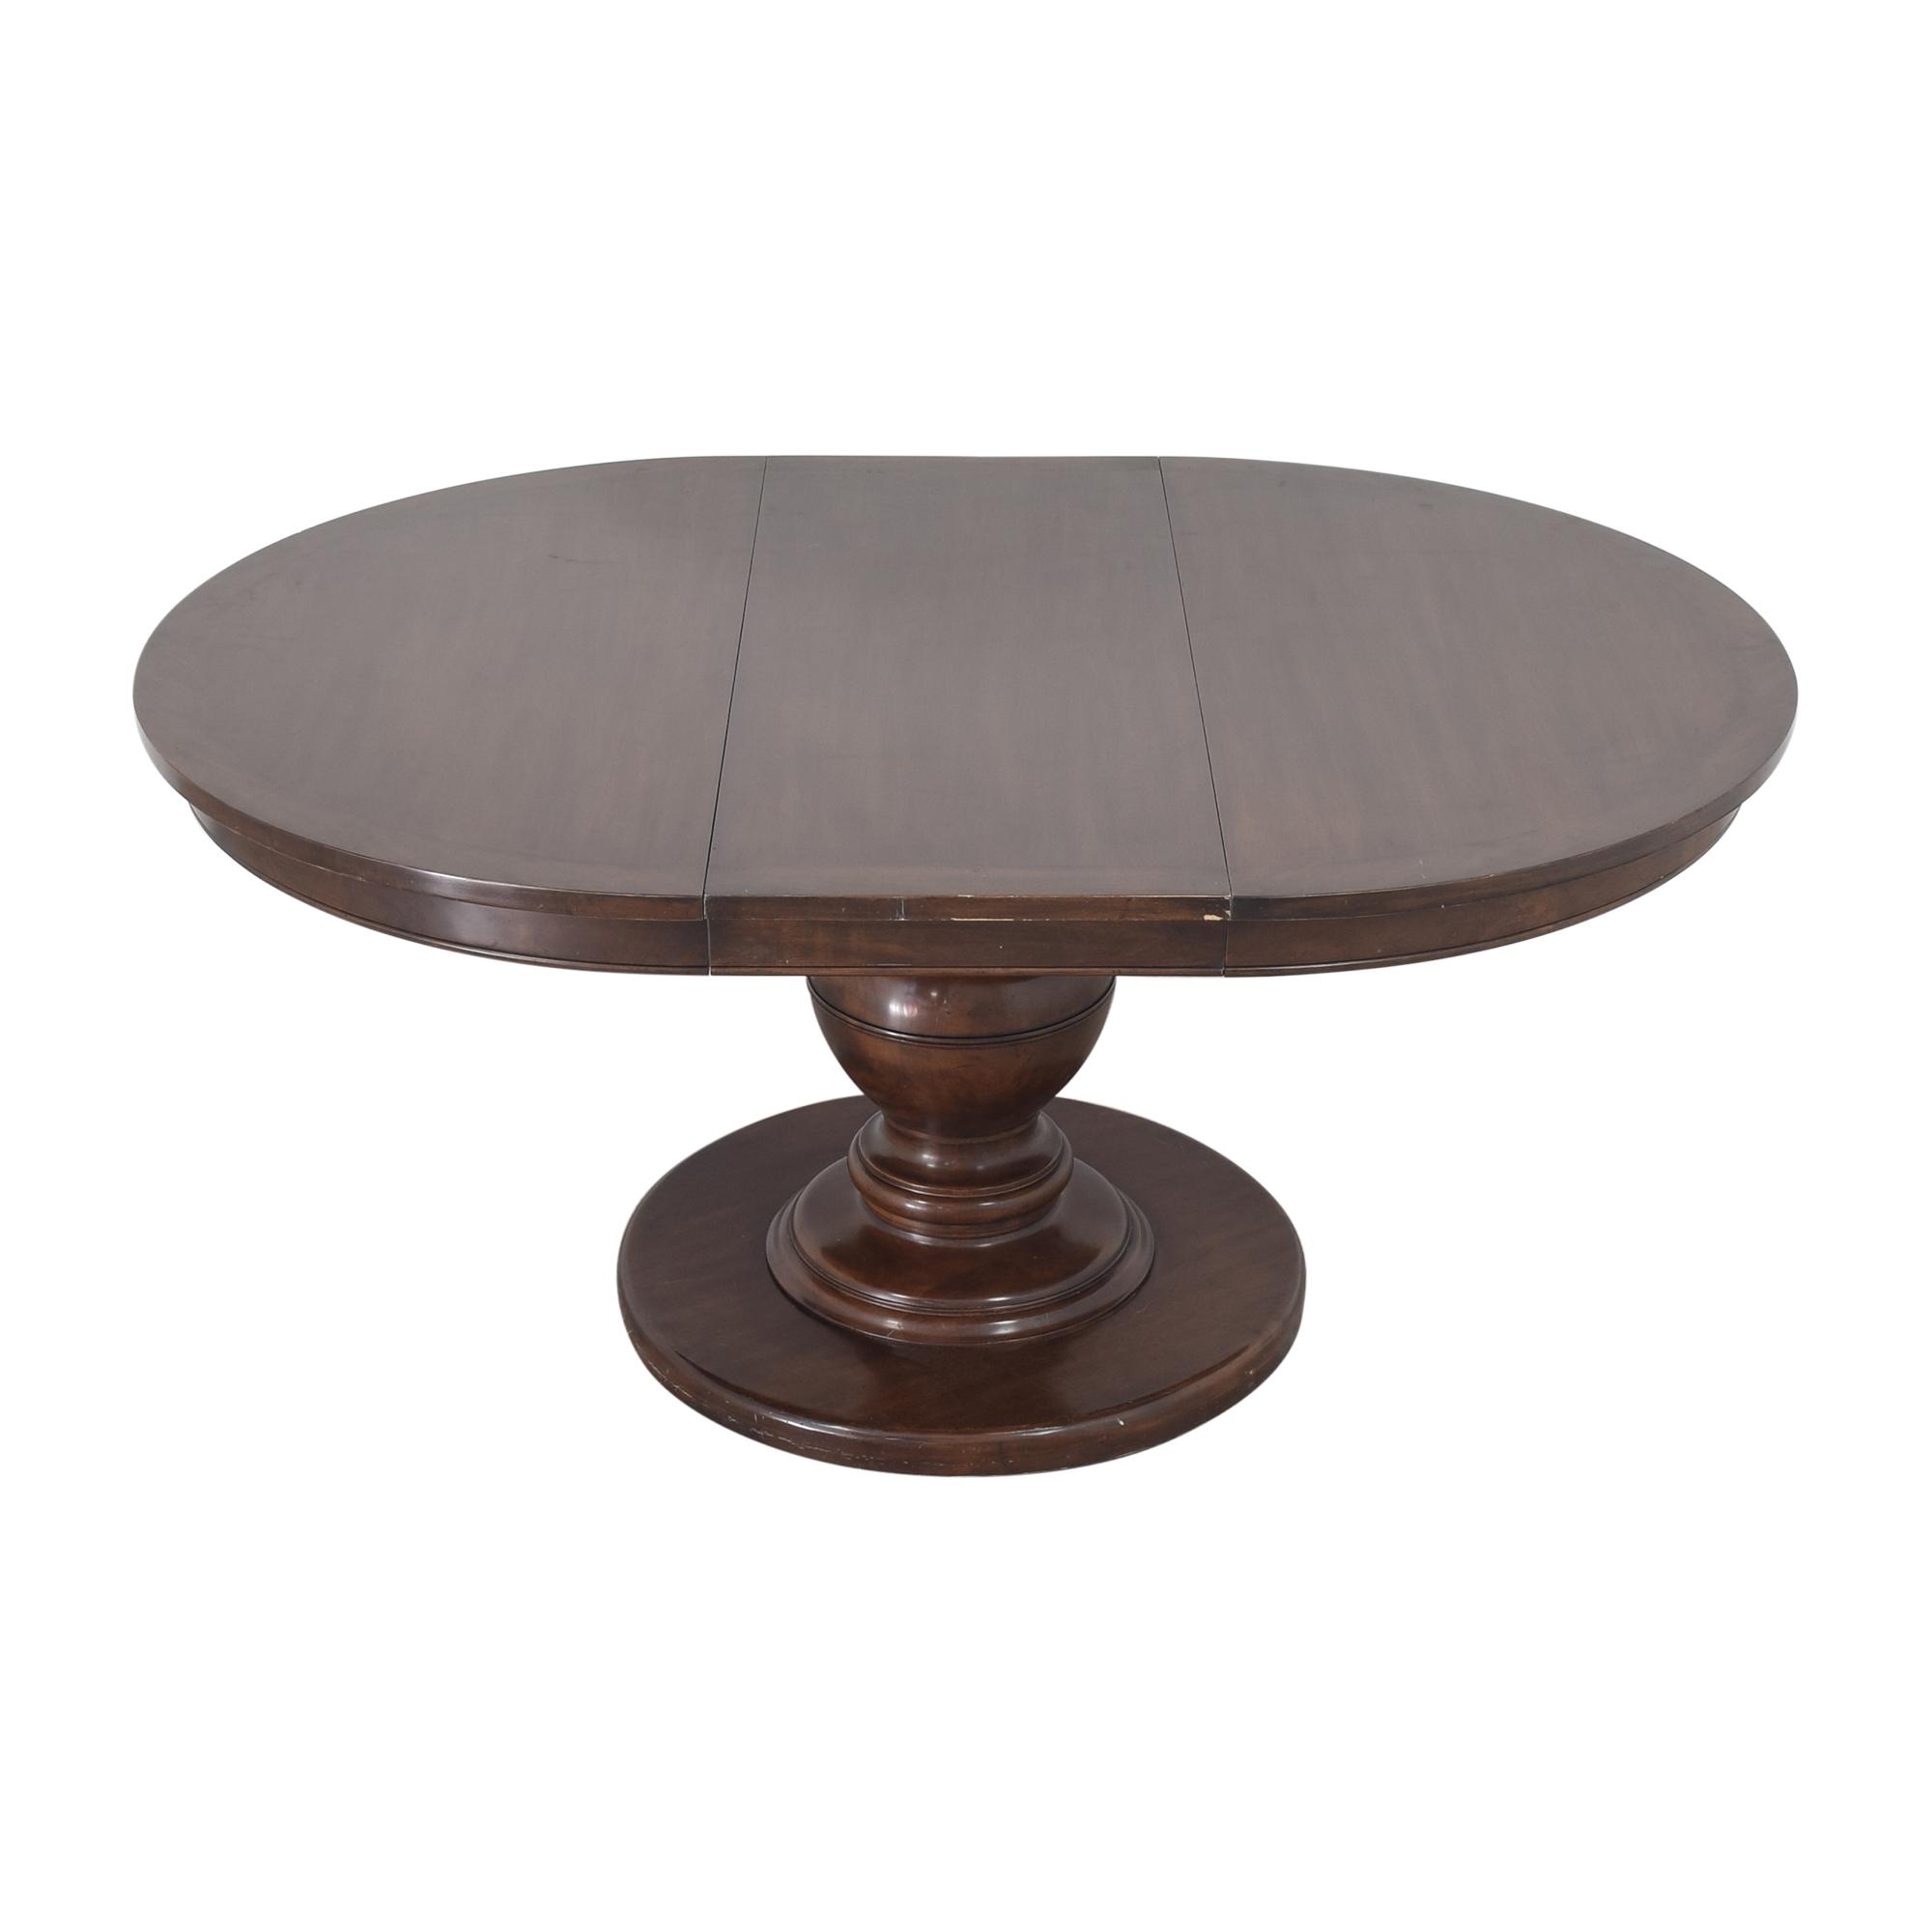 Kravet Kravet Grand Pedestal Dining Table second hand